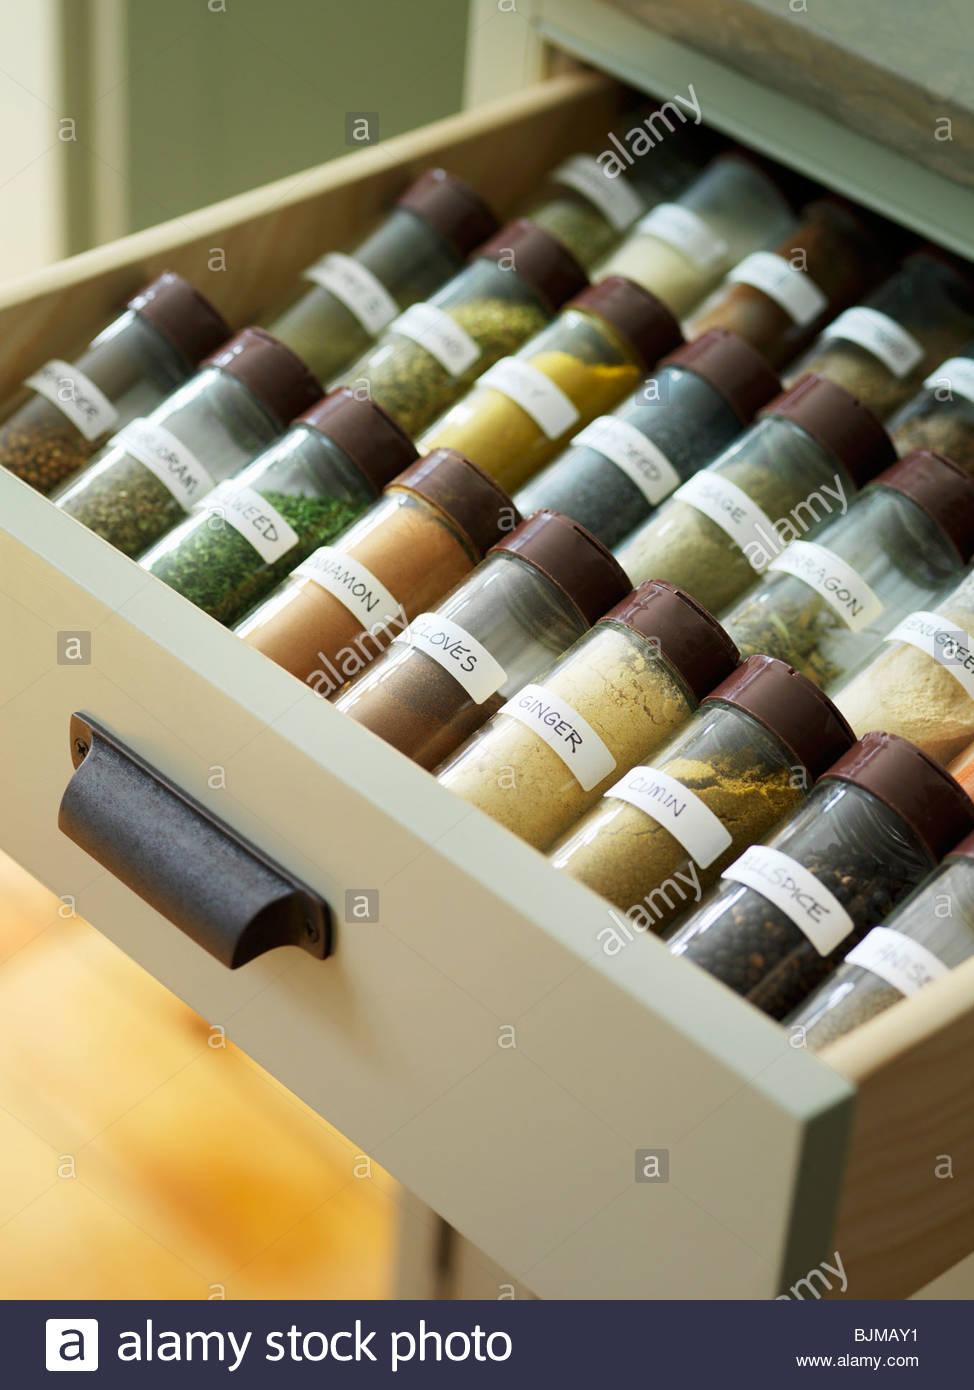 Gewürzdosen in einer Schublade Stockfoto, Bild: 28721813 - Alamy